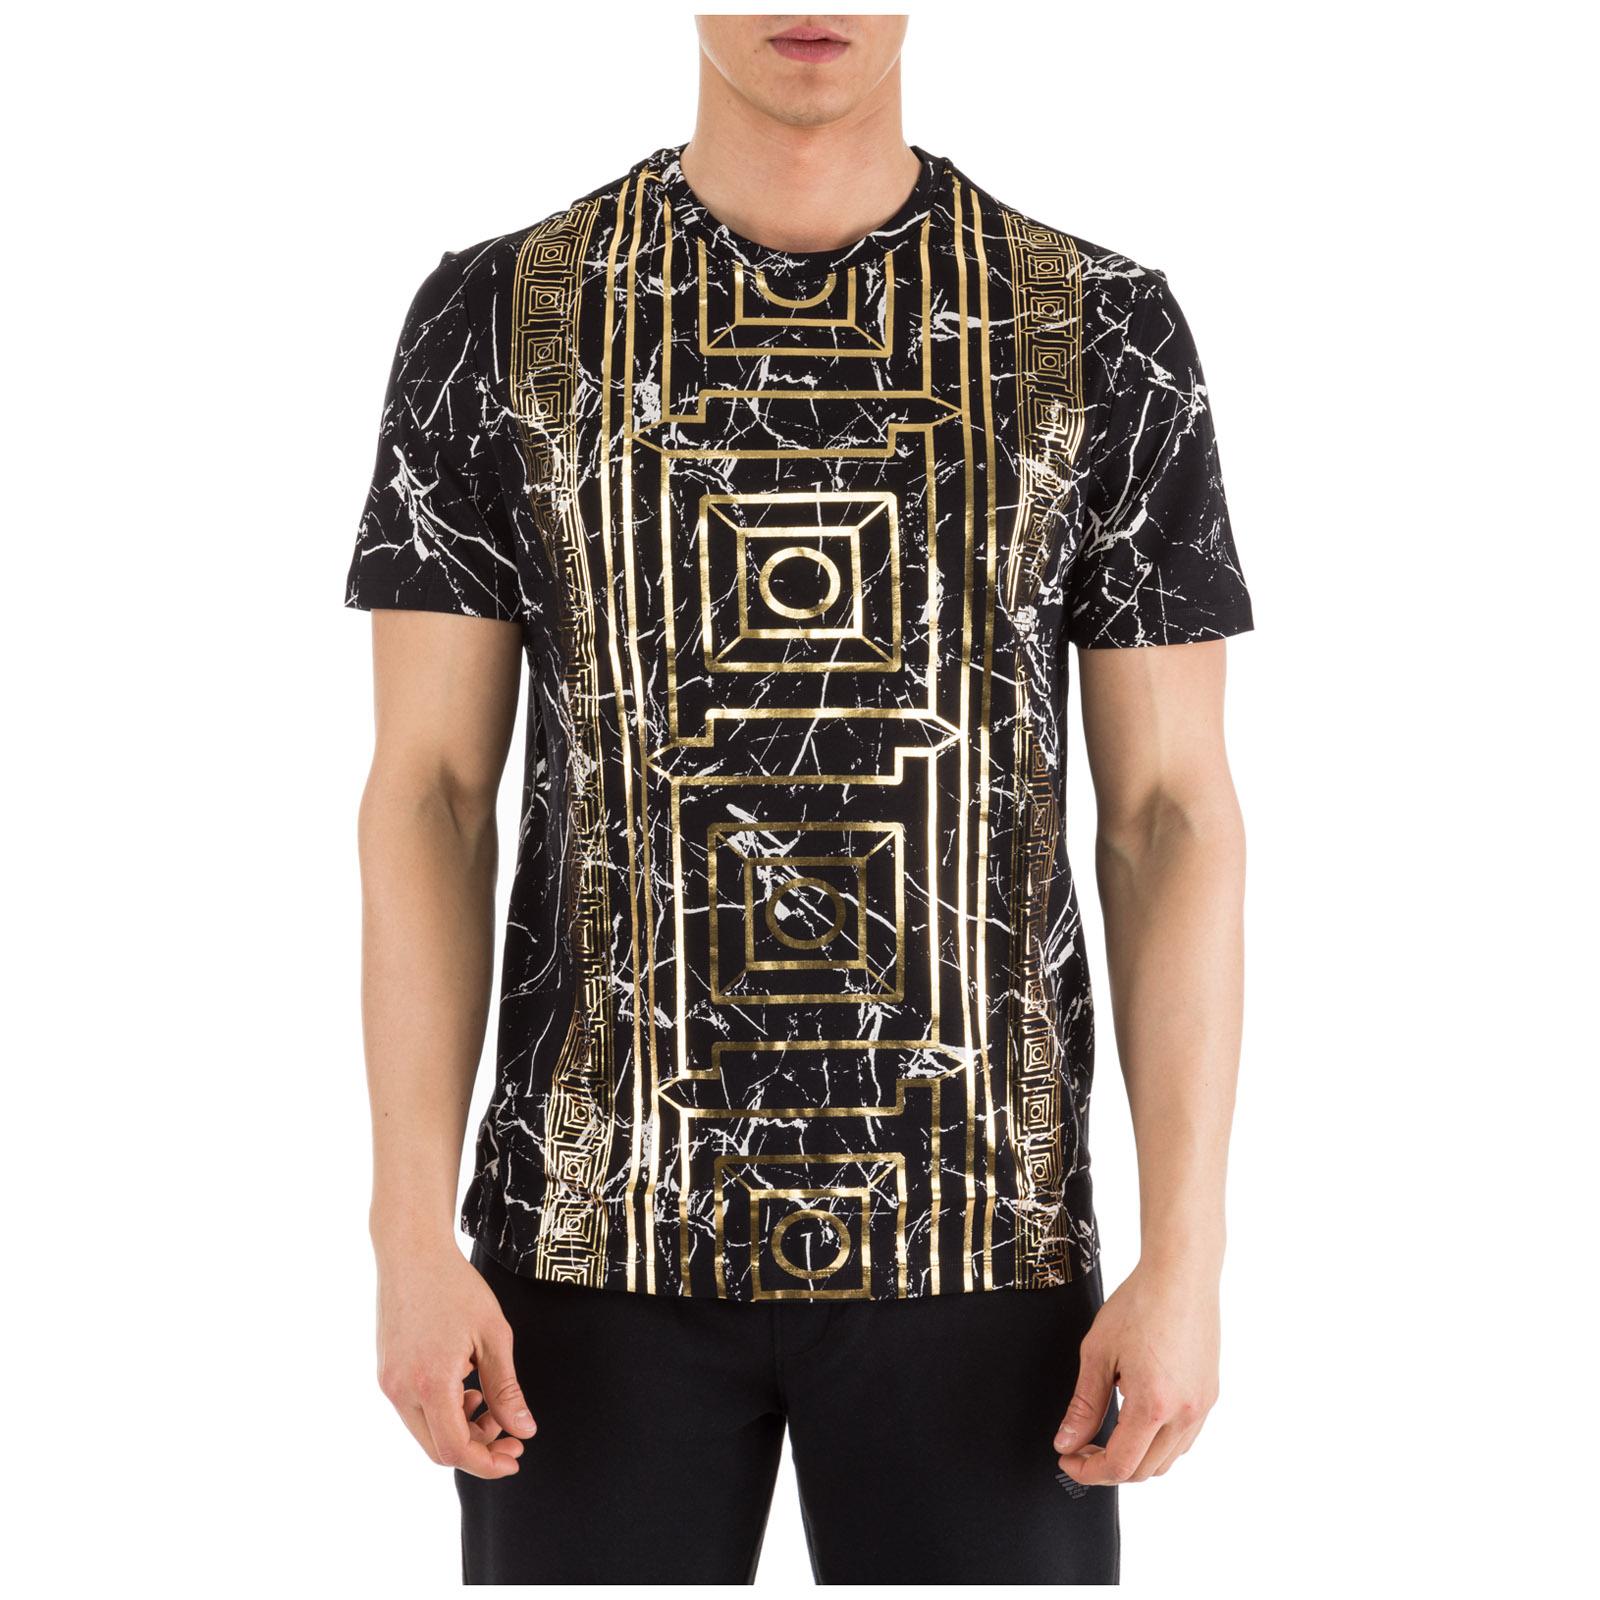 f8d36f09 T-shirt Versace Collection V800683R VJ00599 V7008 nero   FRMODA.com